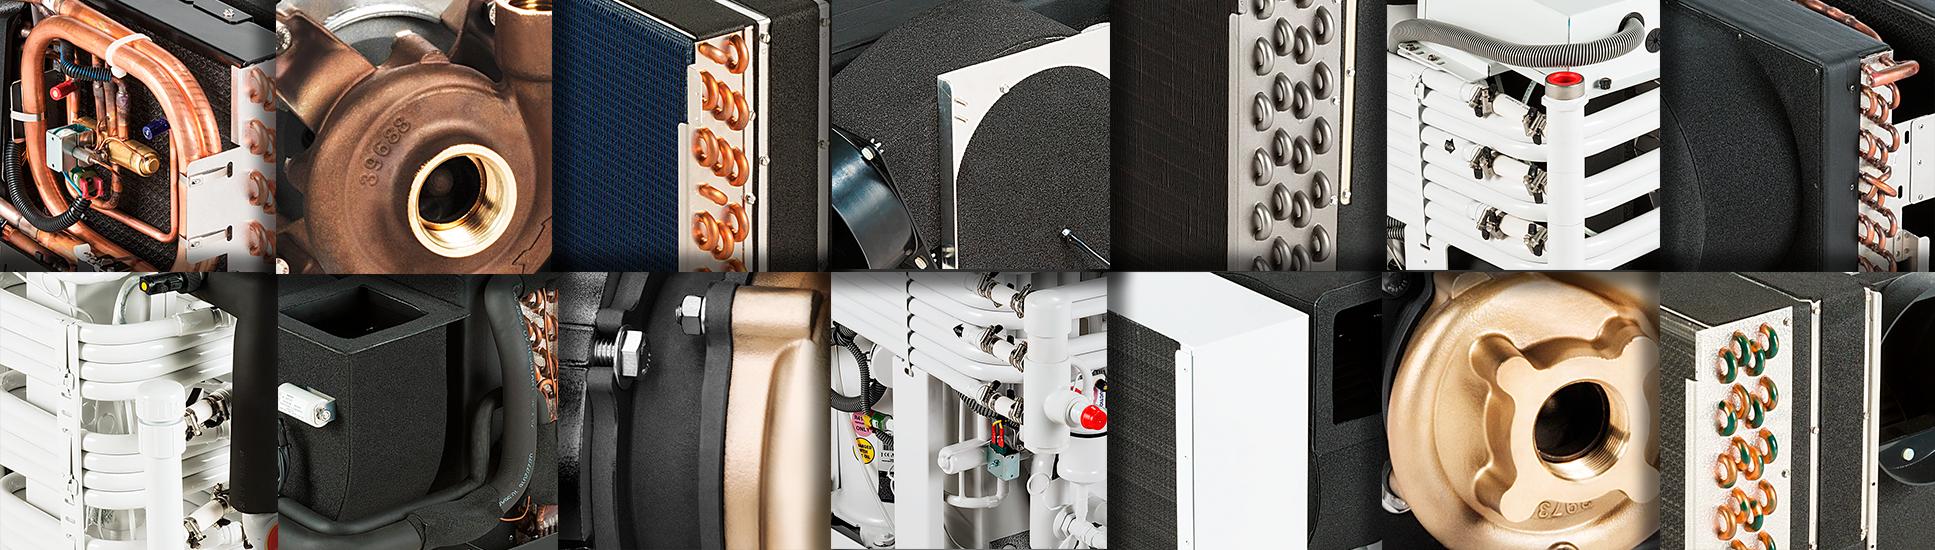 Banner sistemas de climatización Acastimar